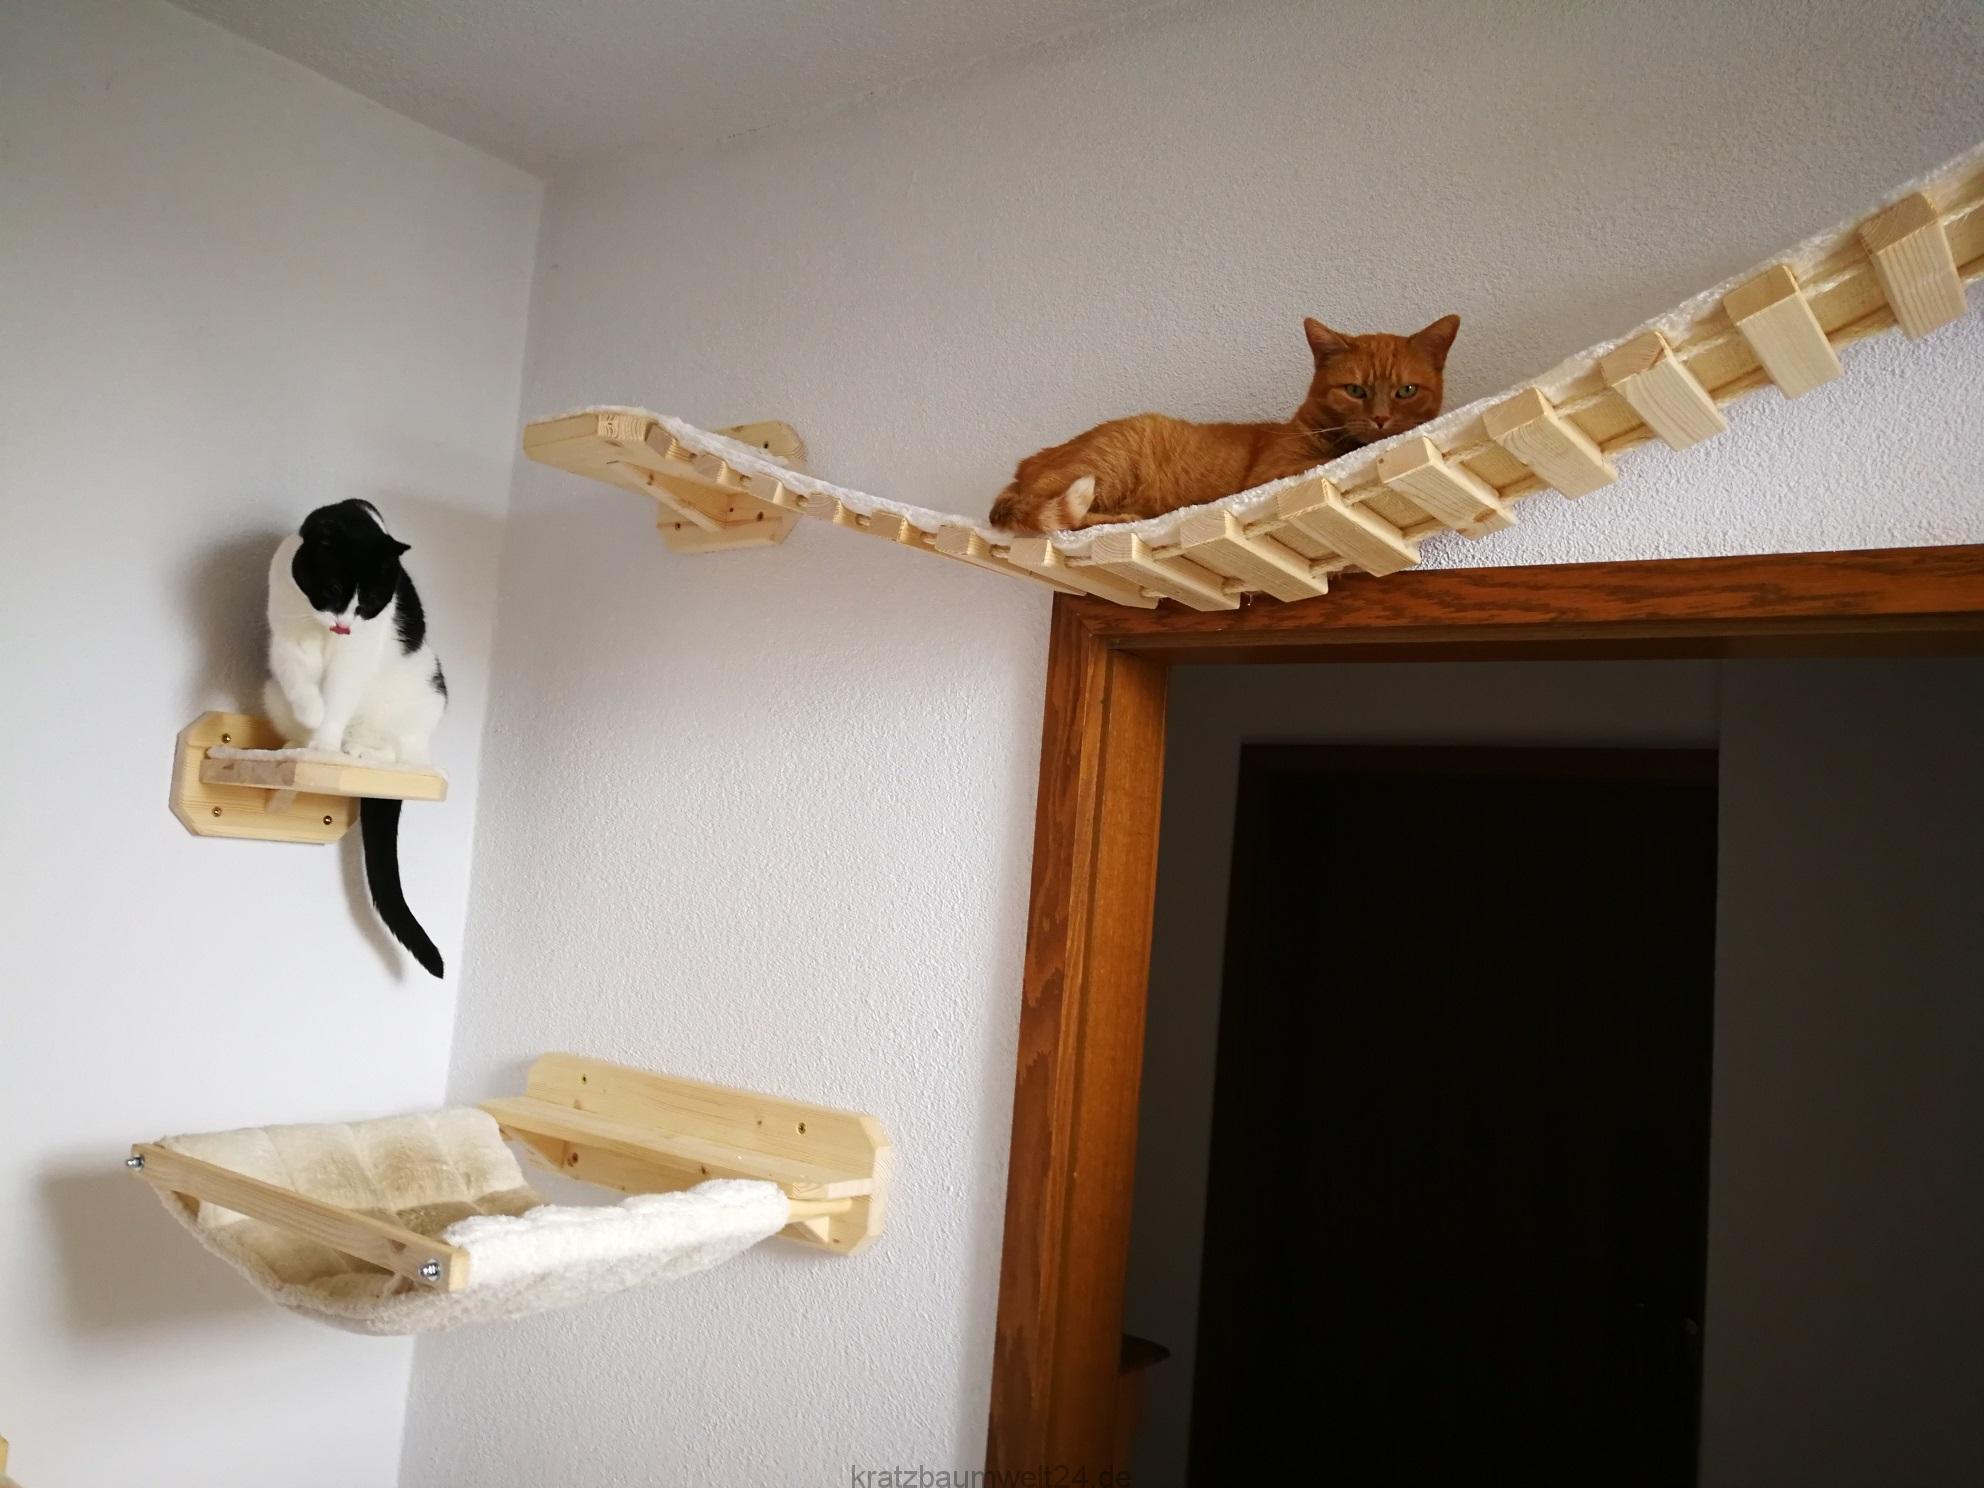 kletterwand f r katzen h ngebr cken auf wunschl nge catwalkbretter f r katzen. Black Bedroom Furniture Sets. Home Design Ideas